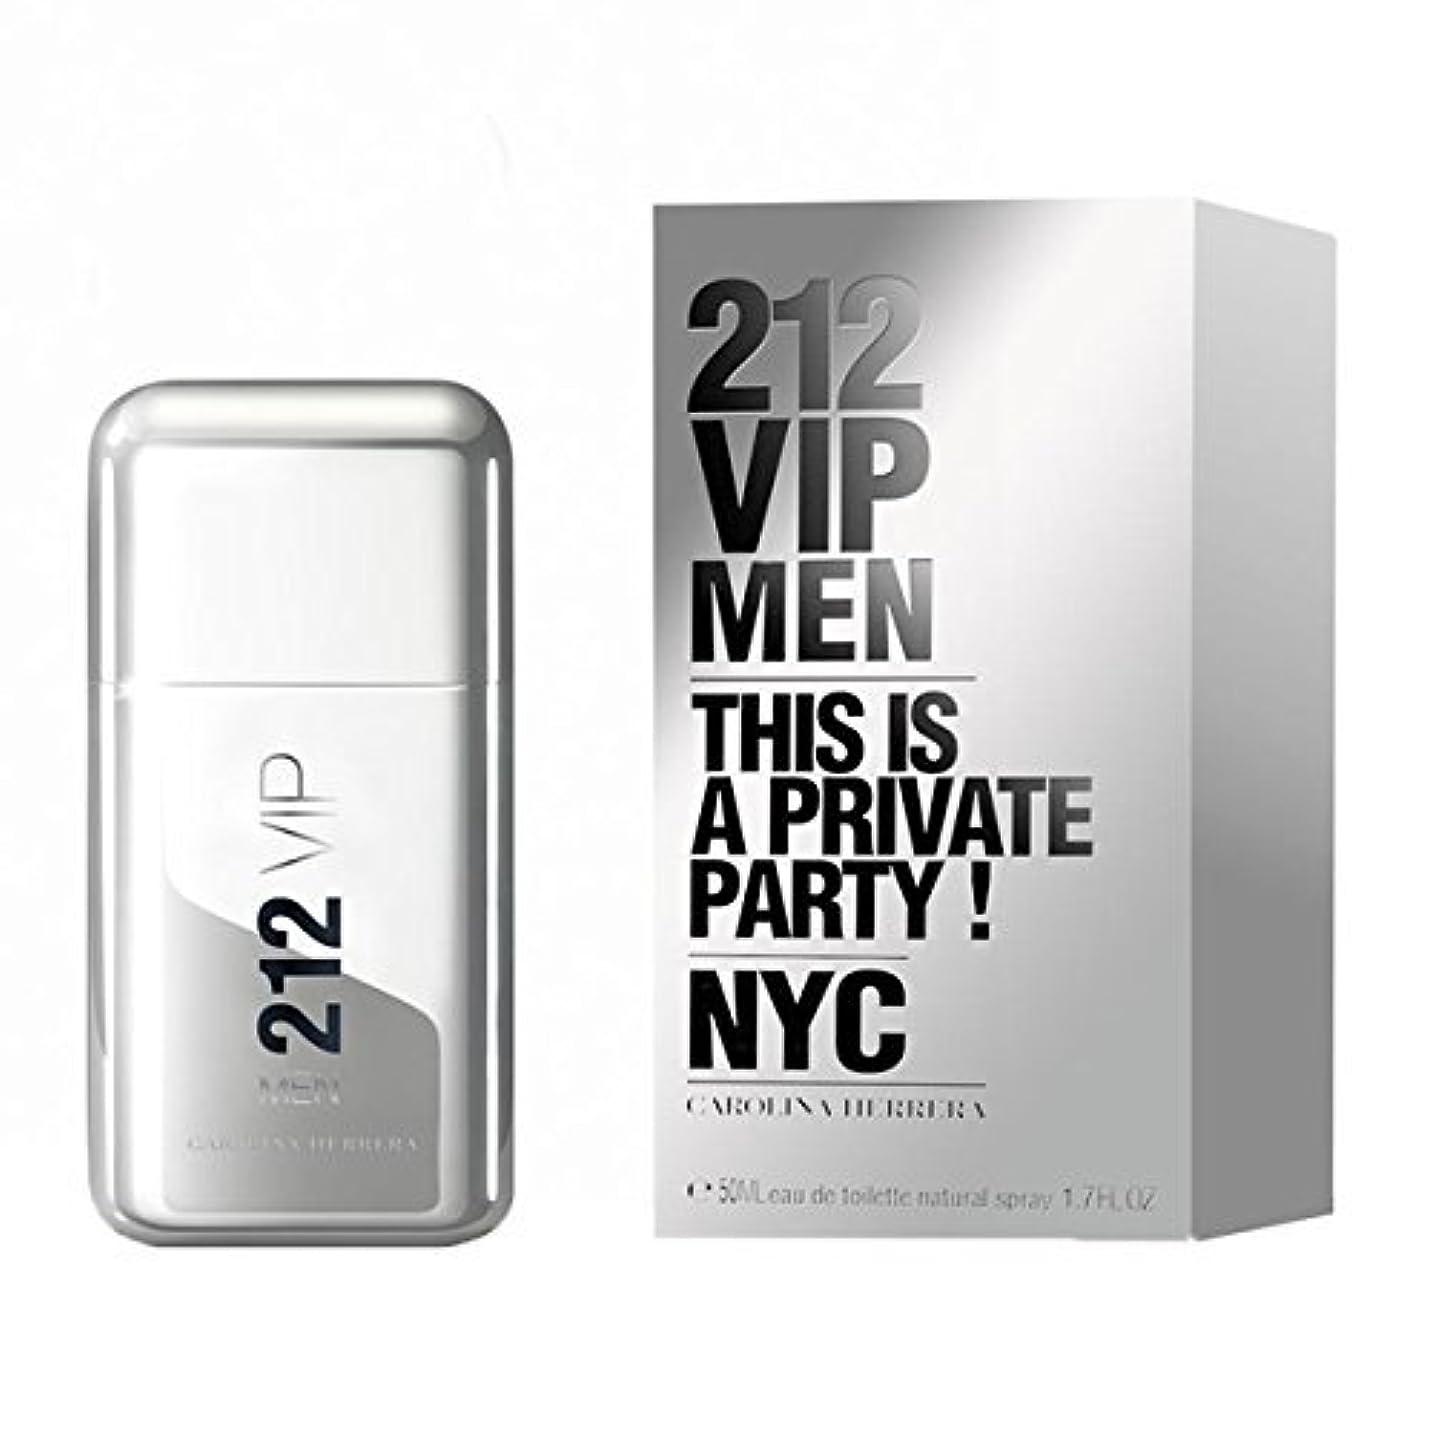 険しいアベニュー値する【キャロライナヘレラ】212 VIP メン EDT?SP 50ml (並行輸入品)